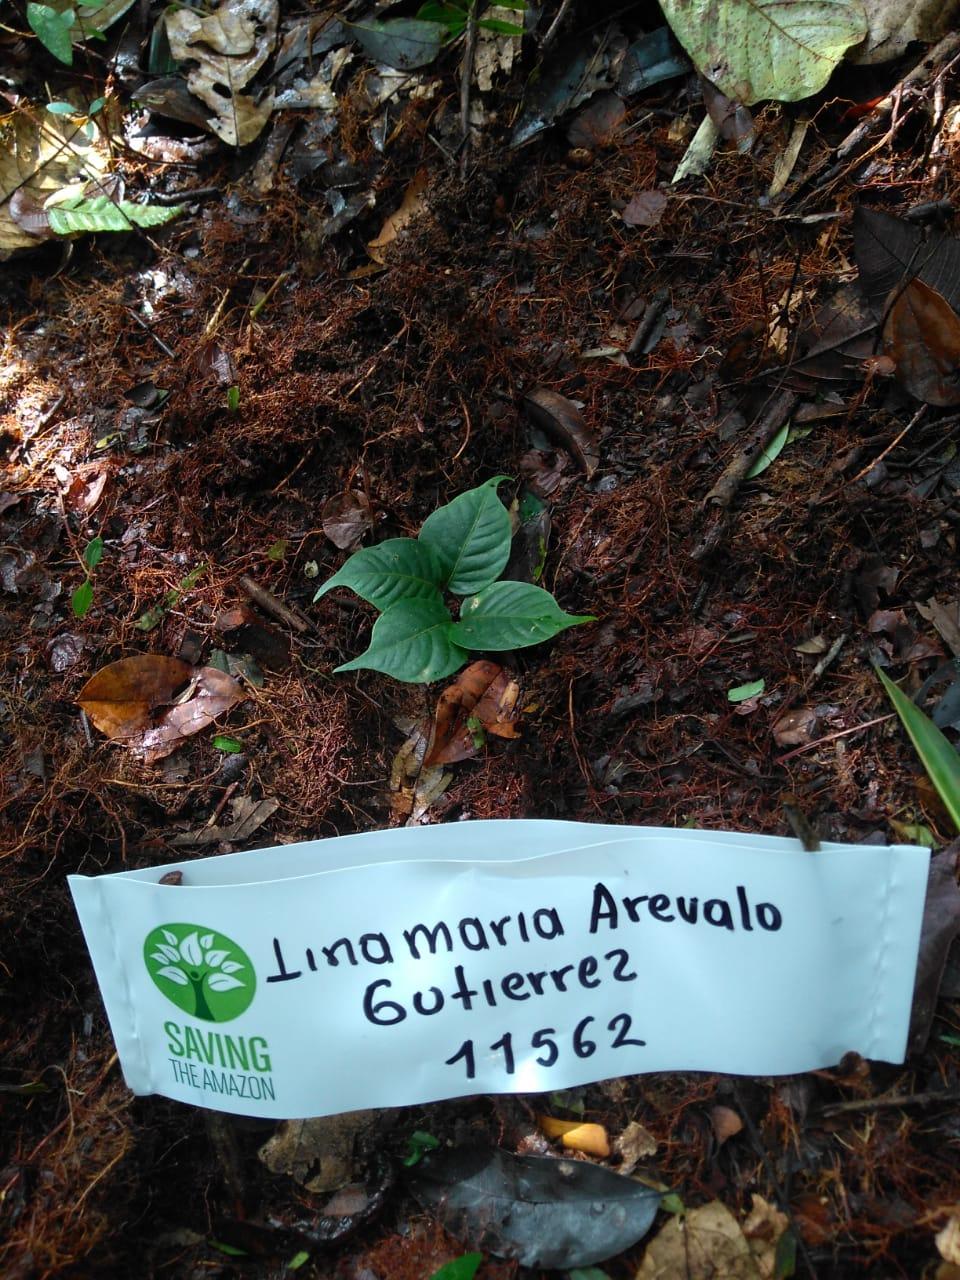 Lina Maria Arevalo Gutierrez